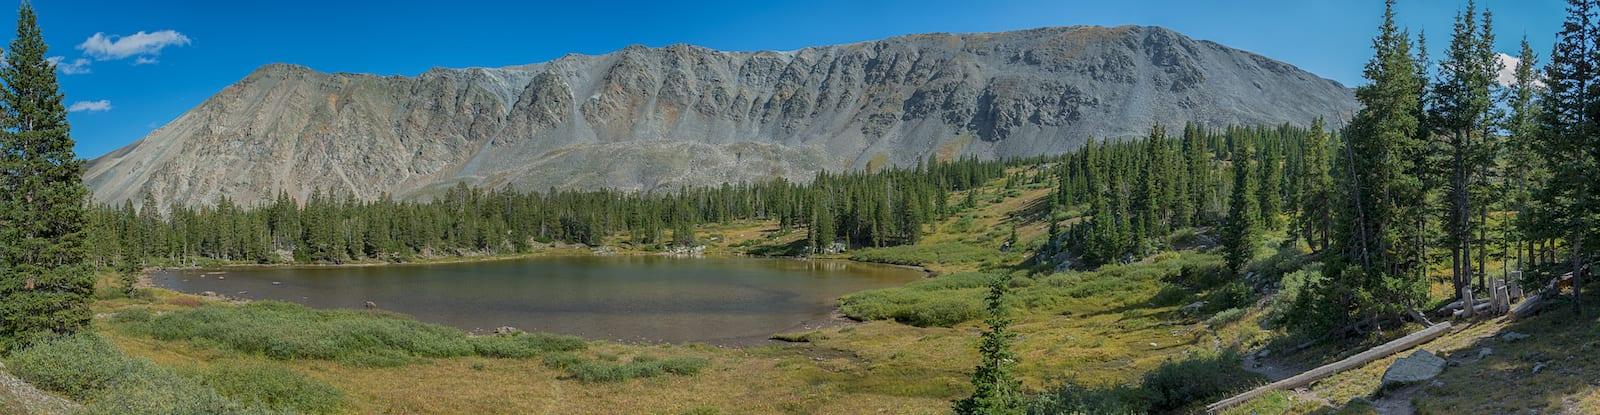 Ptarmigan Lake, Colorado